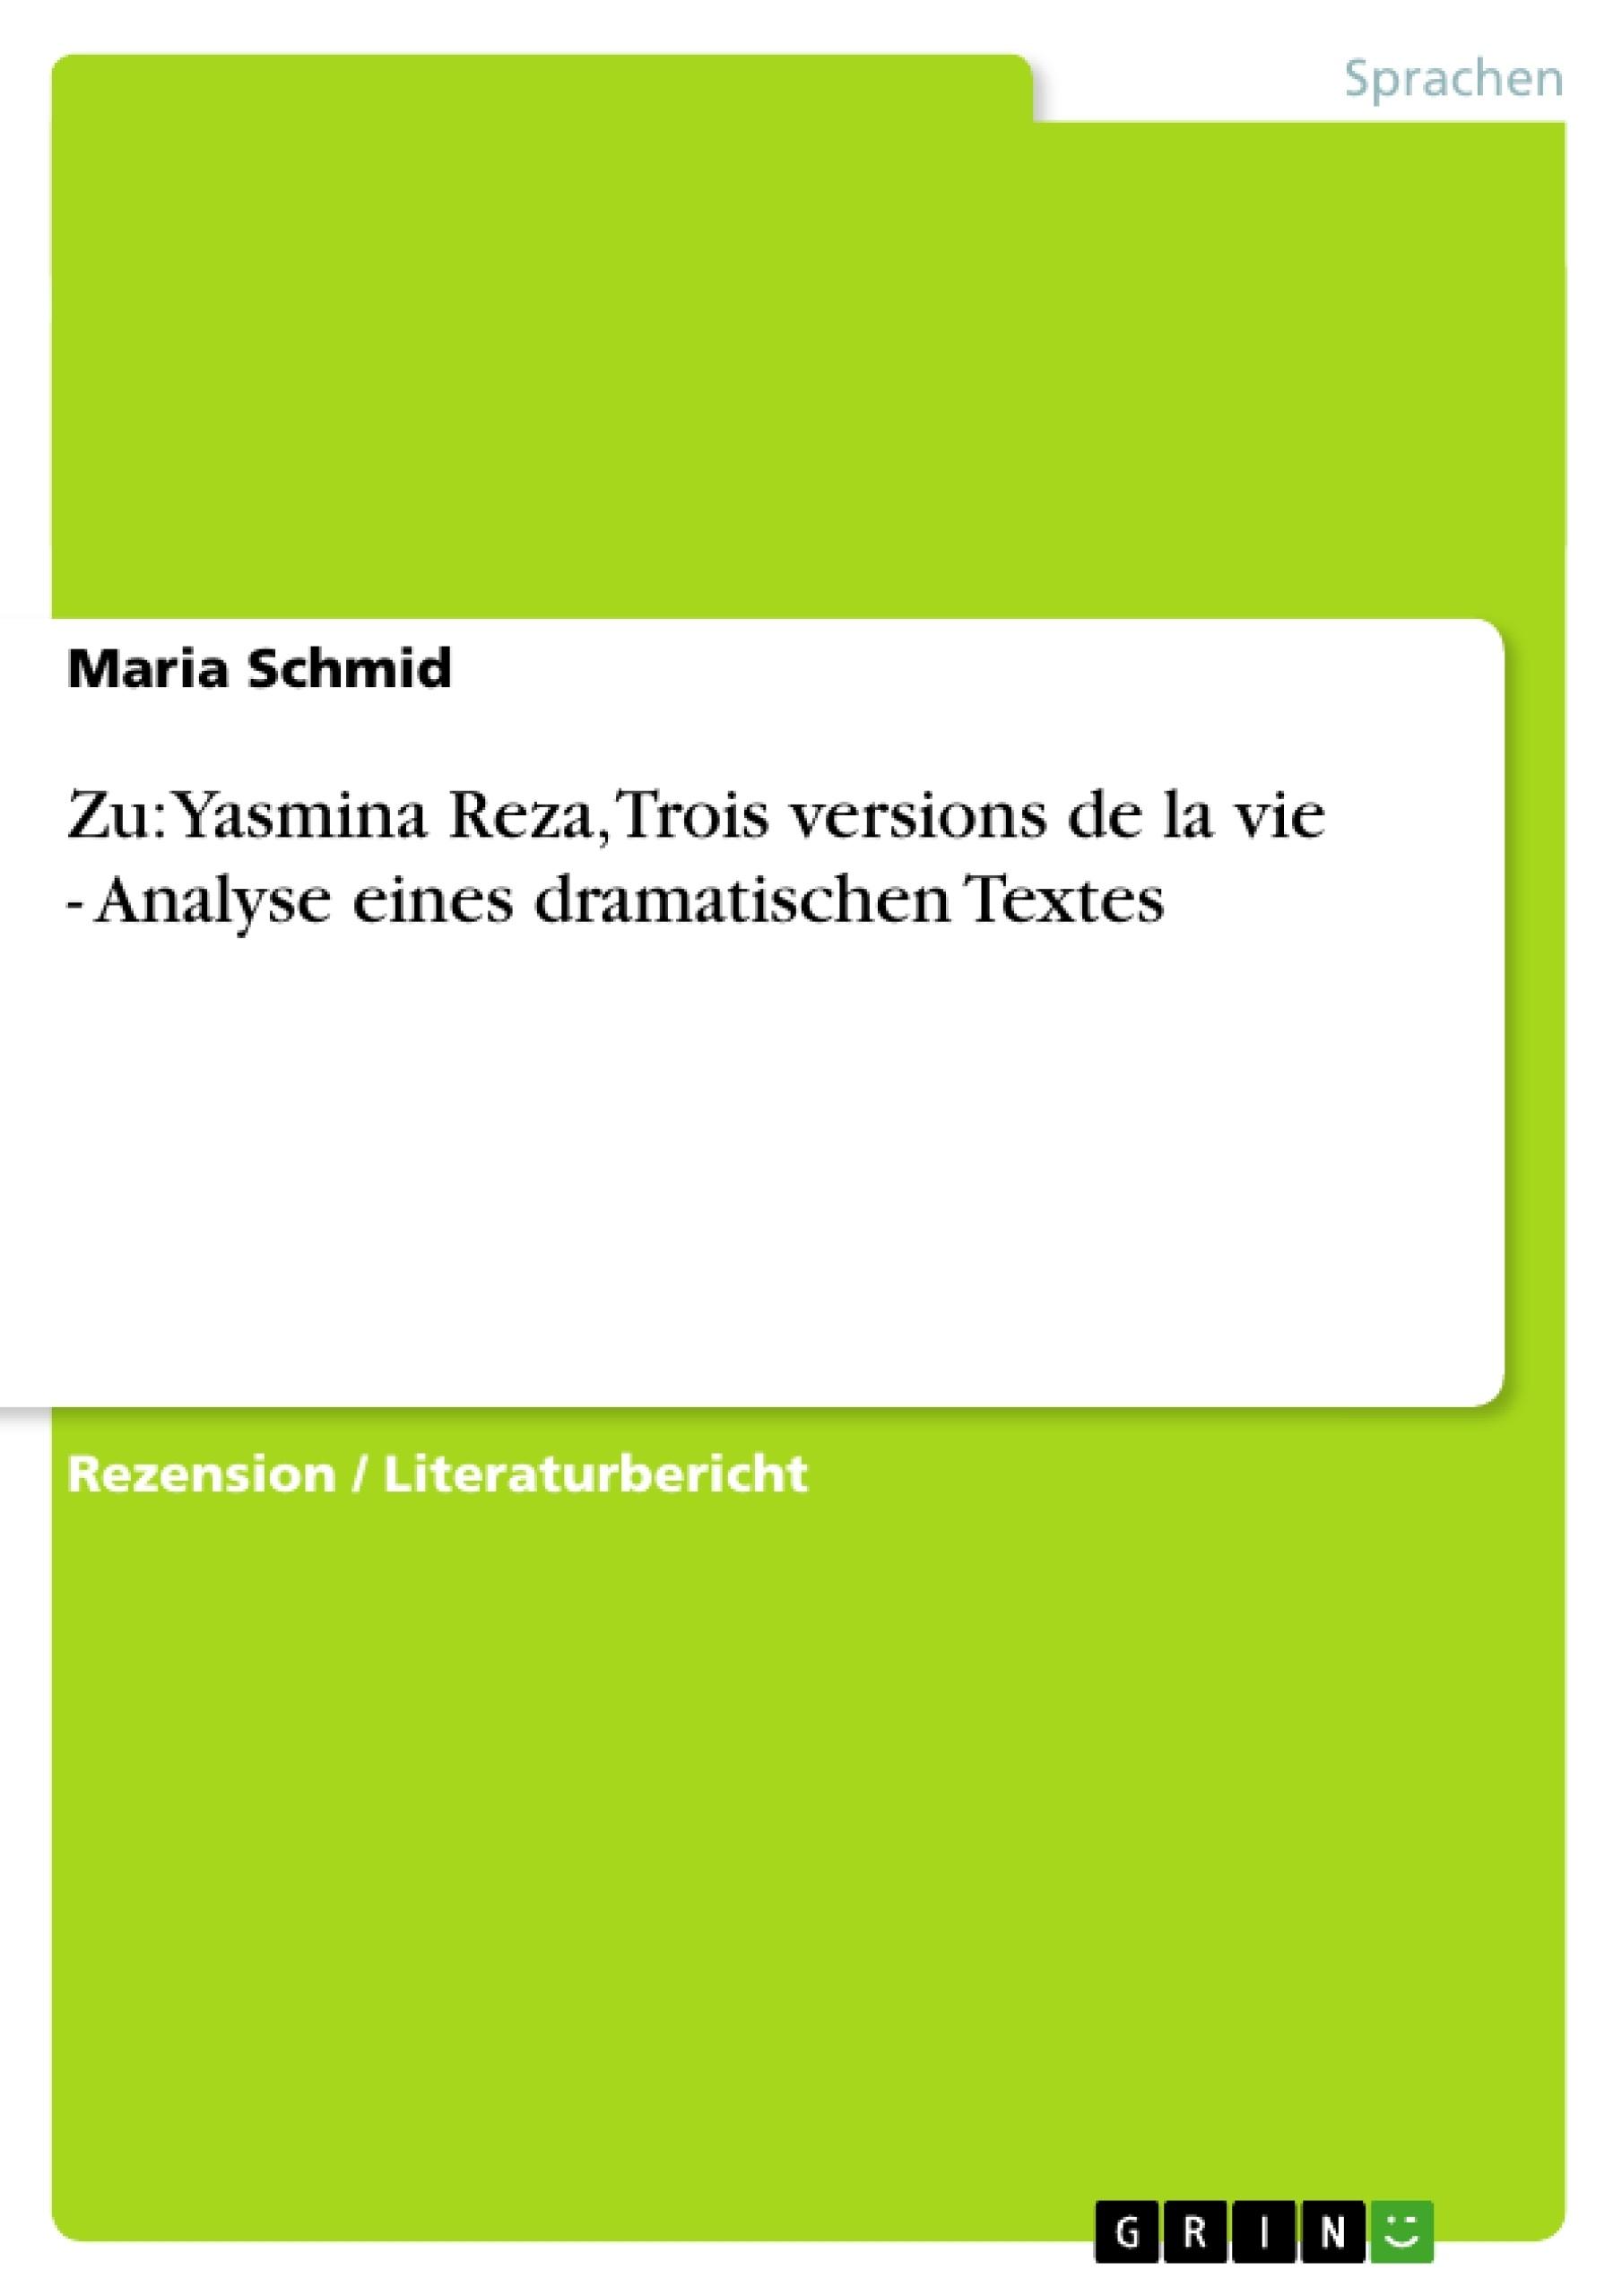 Titel: Zu: Yasmina Reza, Trois versions de la vie - Analyse eines dramatischen Textes